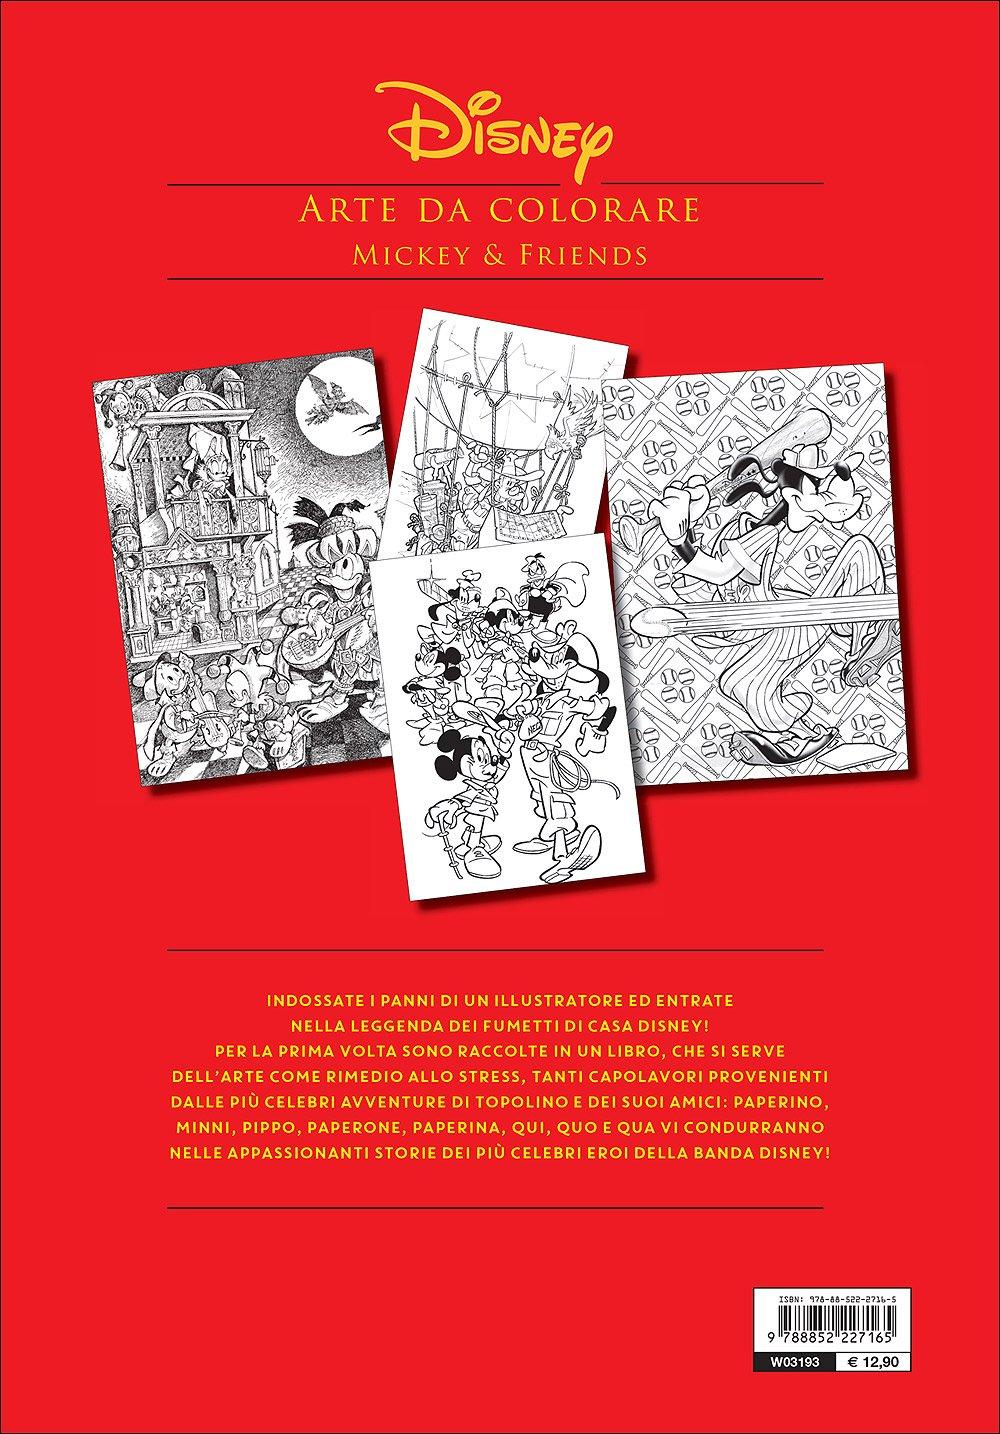 Disney Arte Da Colorare Mi 9788852227165 Amazon Com Books